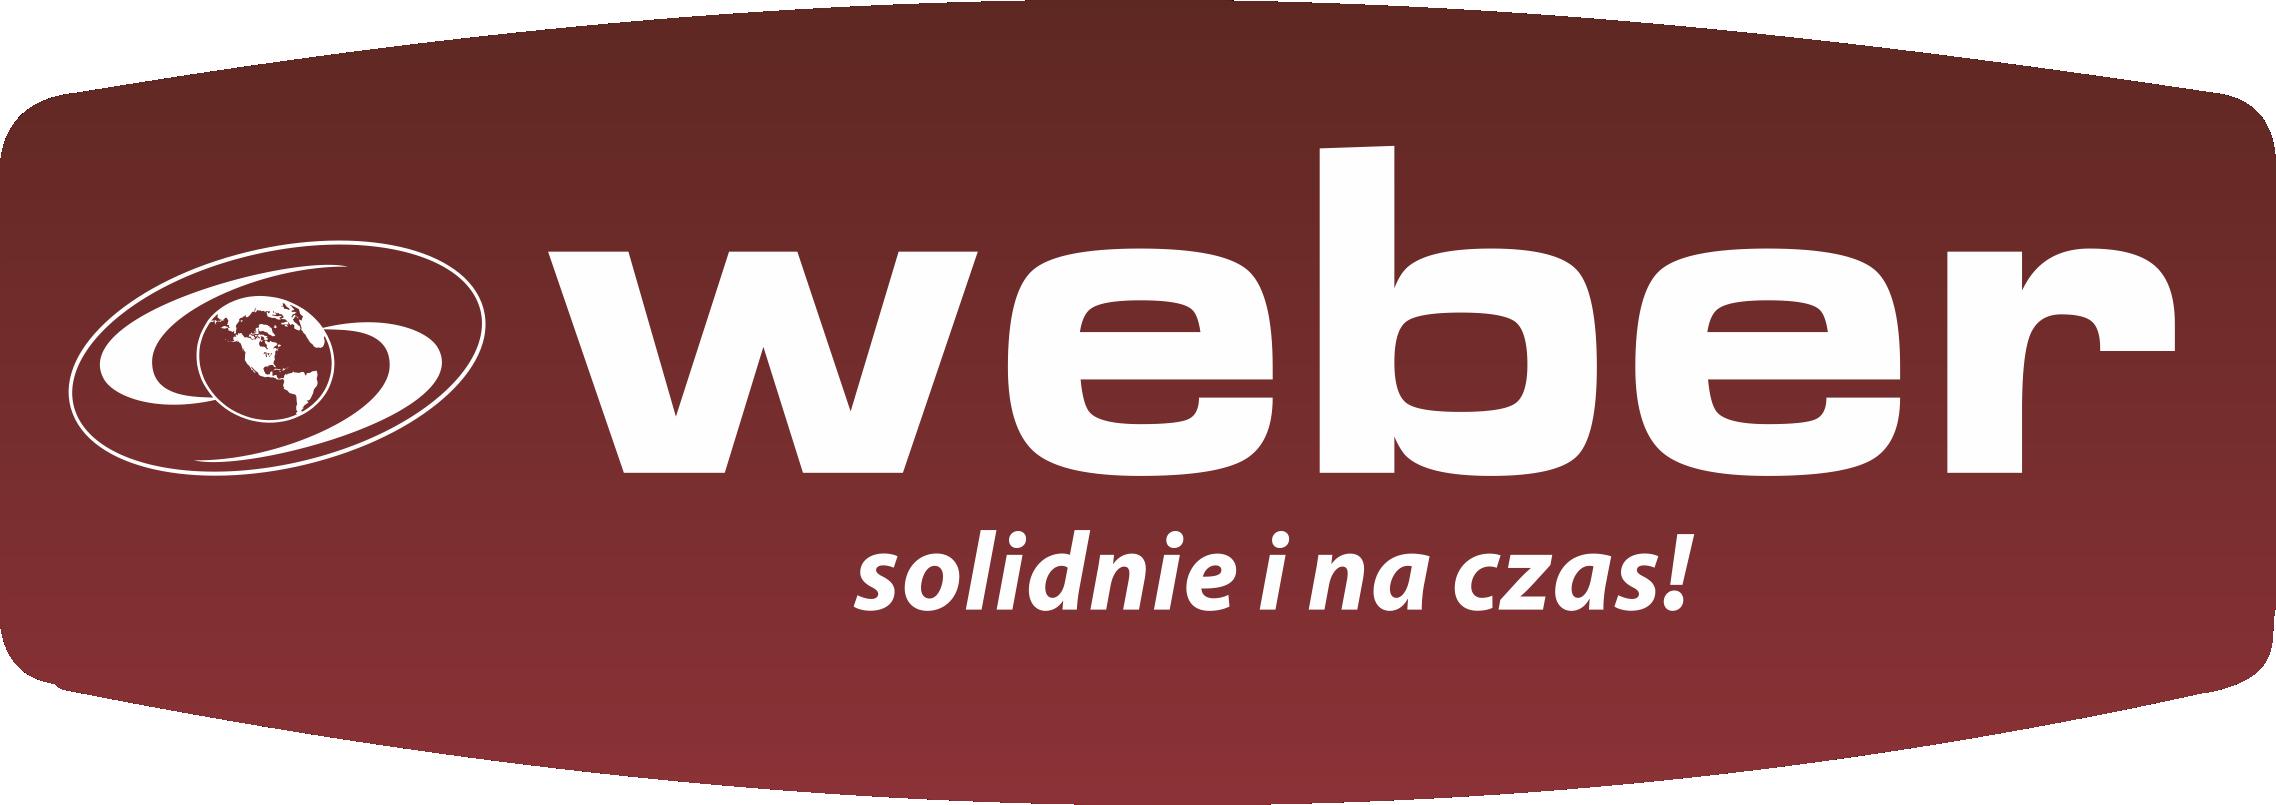 Weber - Firma Tłumaczeń i Usług